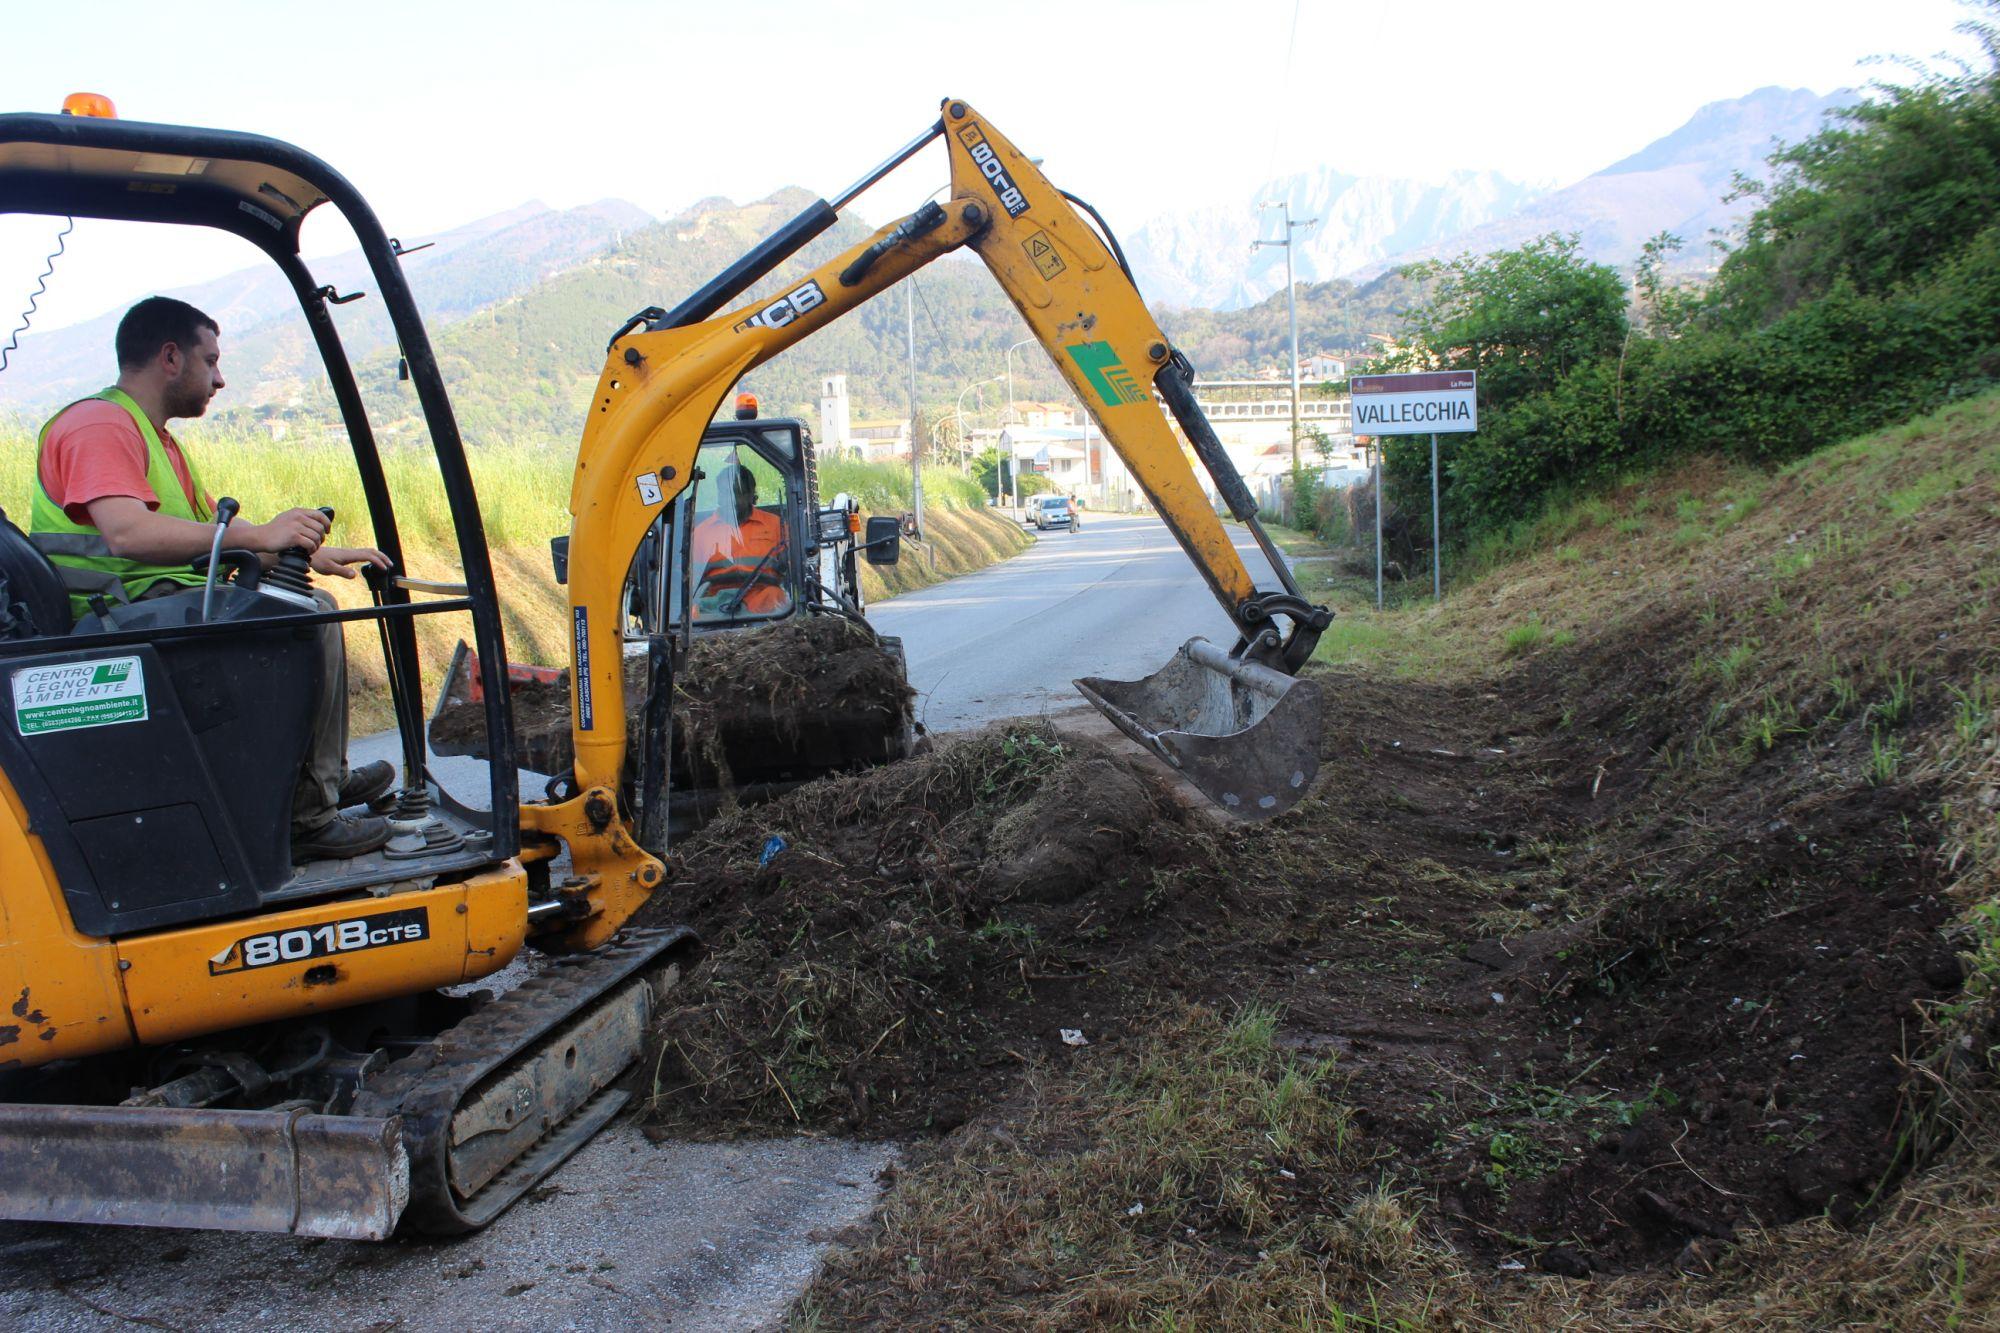 Nuovi interventi per ripulire le strade di tutto il Comune